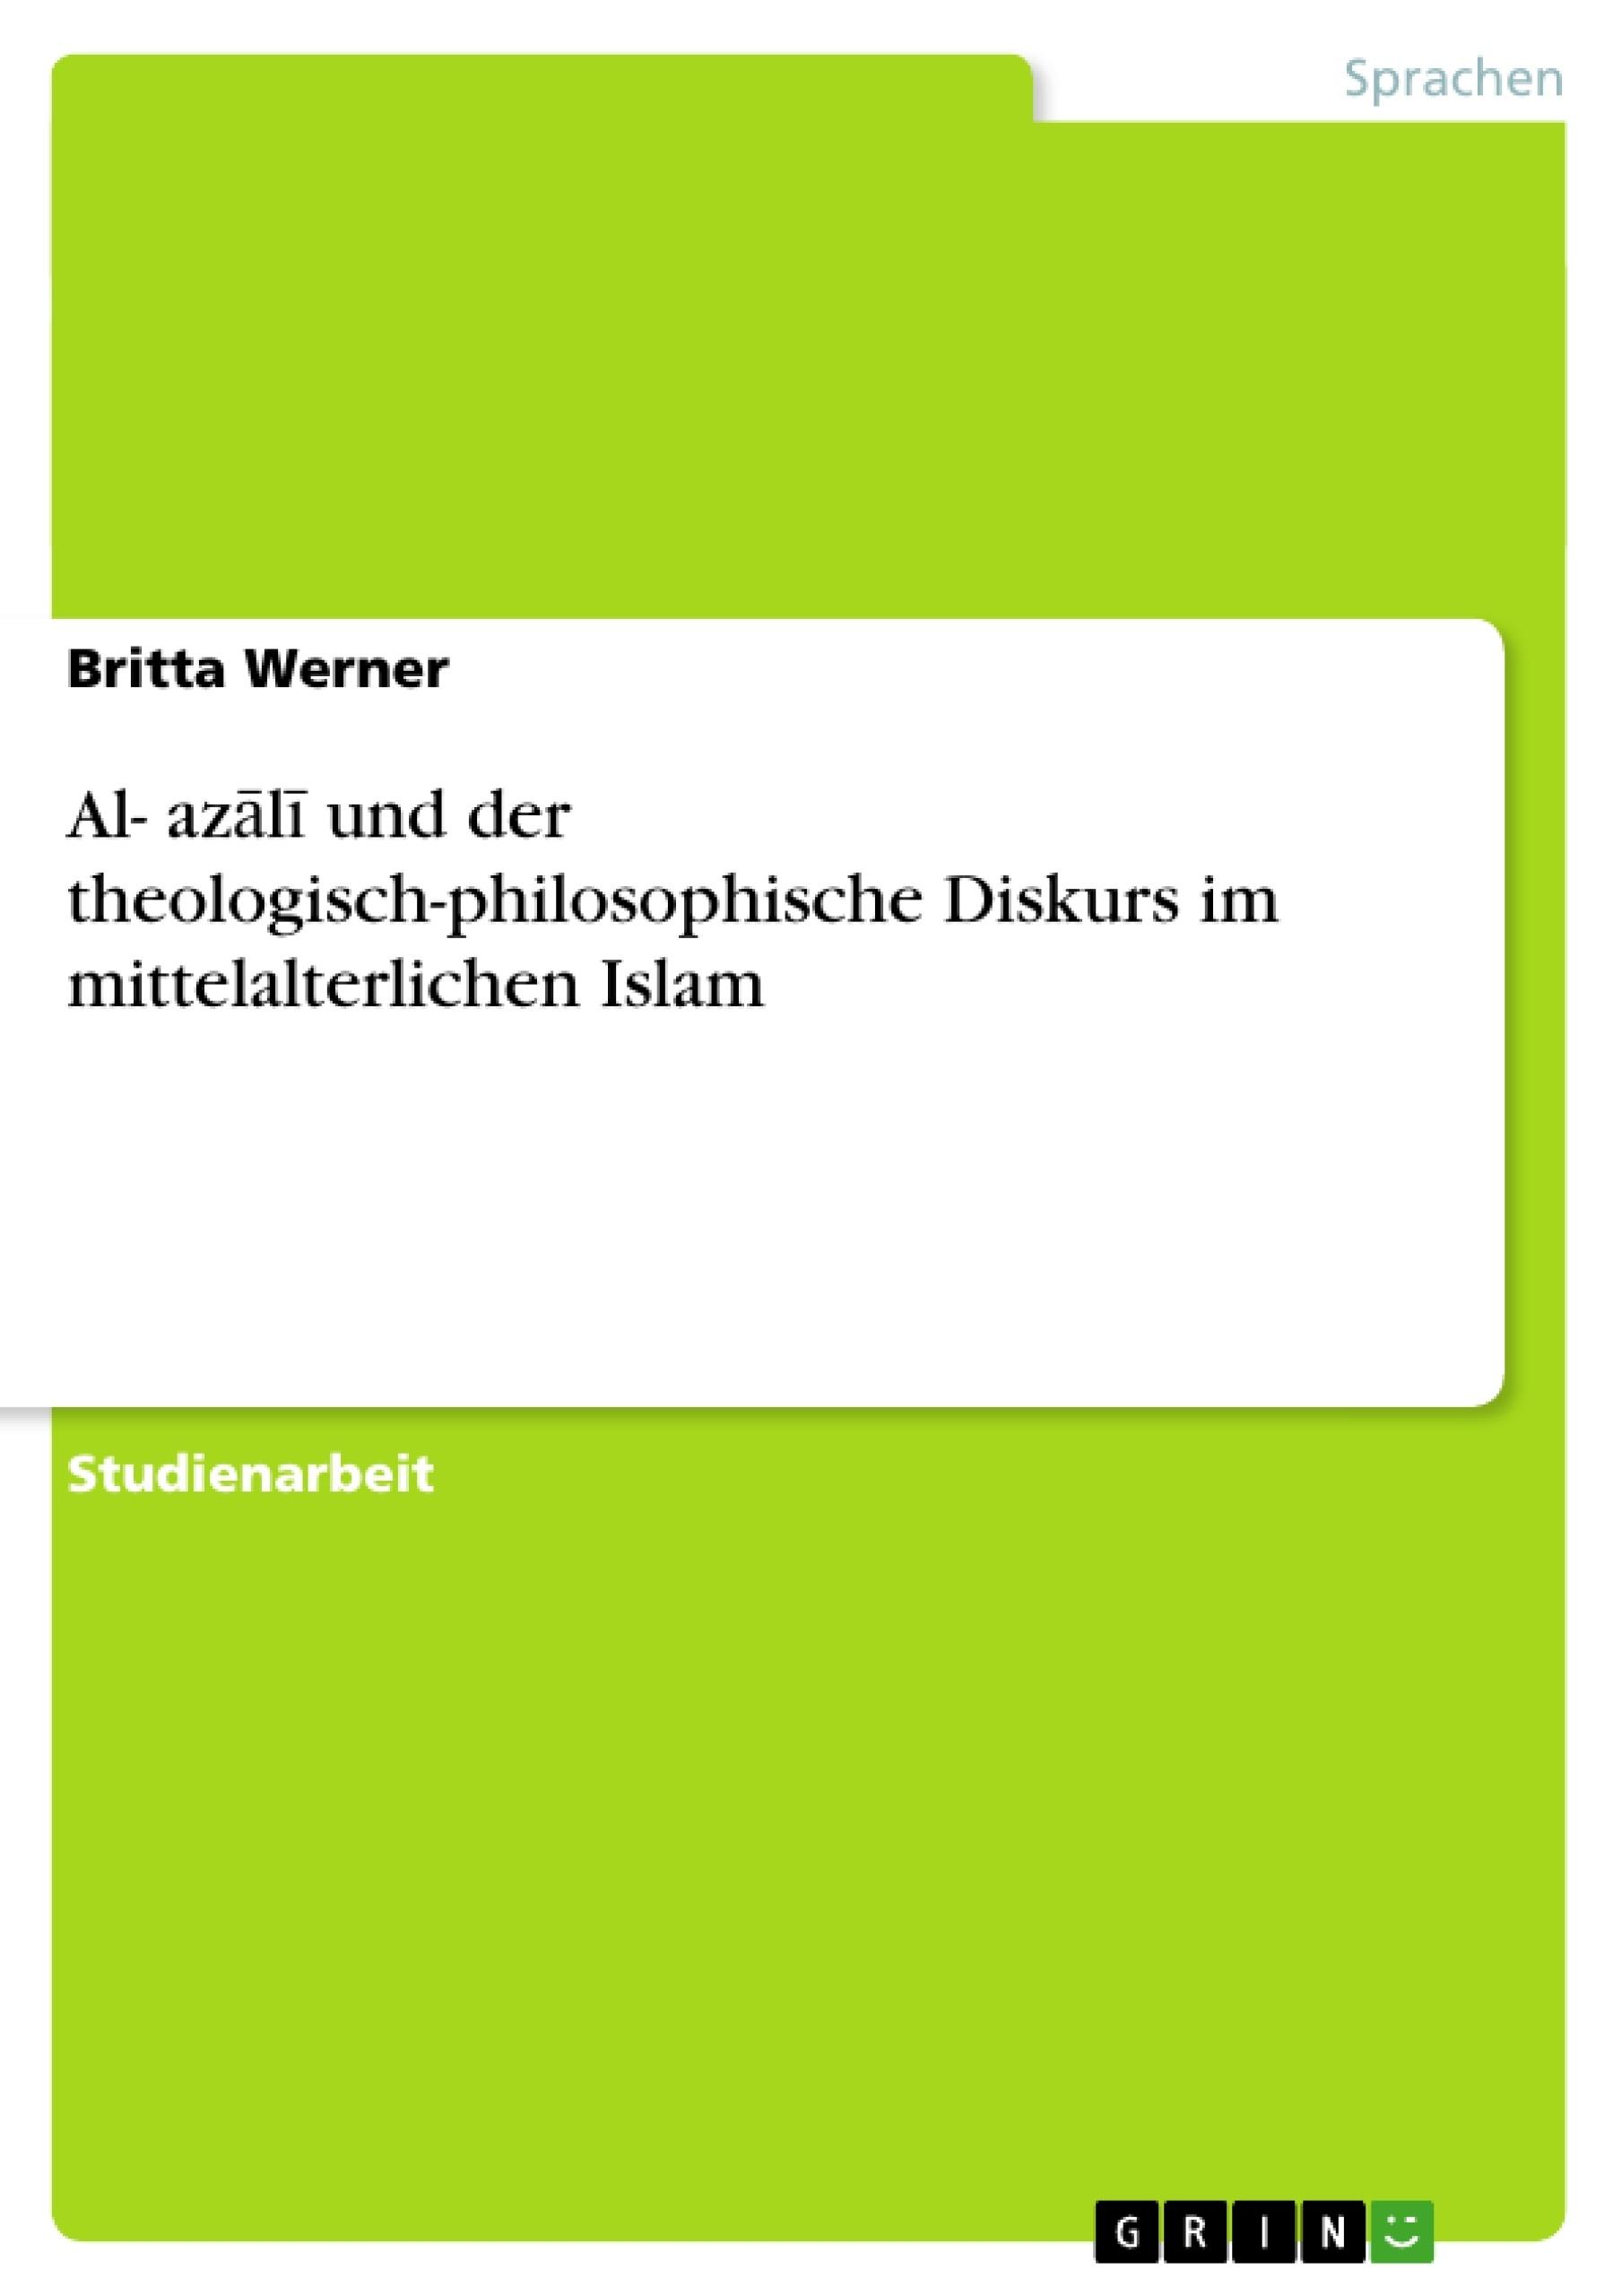 Titel: Al-Ġazālī und der theologisch-philosophische Diskurs im mittelalterlichen Islam